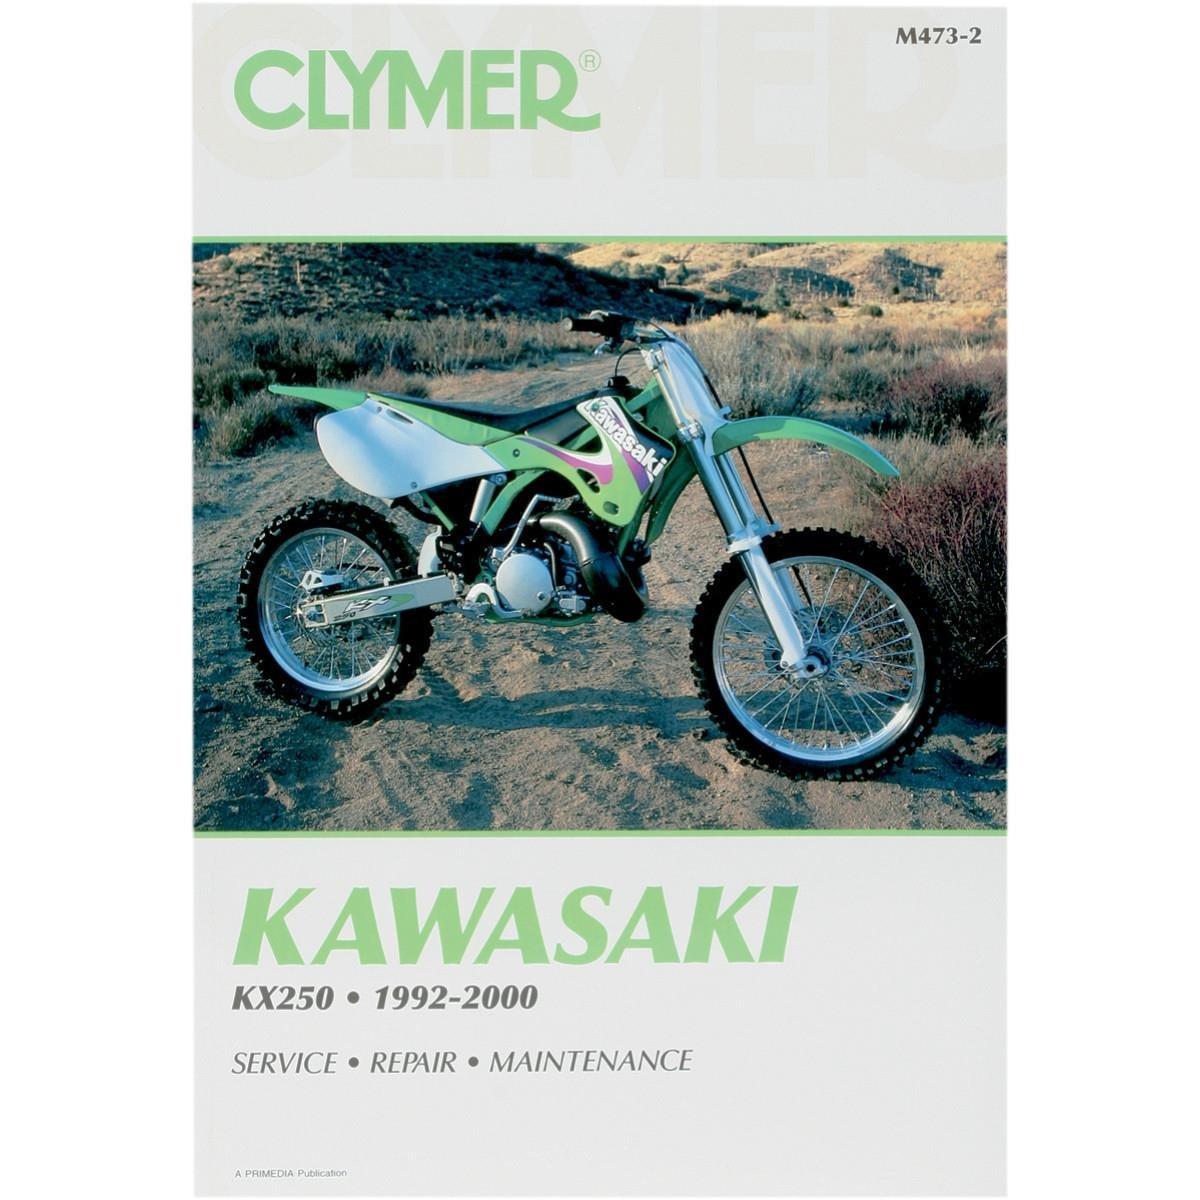 2001 kawasaki kx 250 manual download